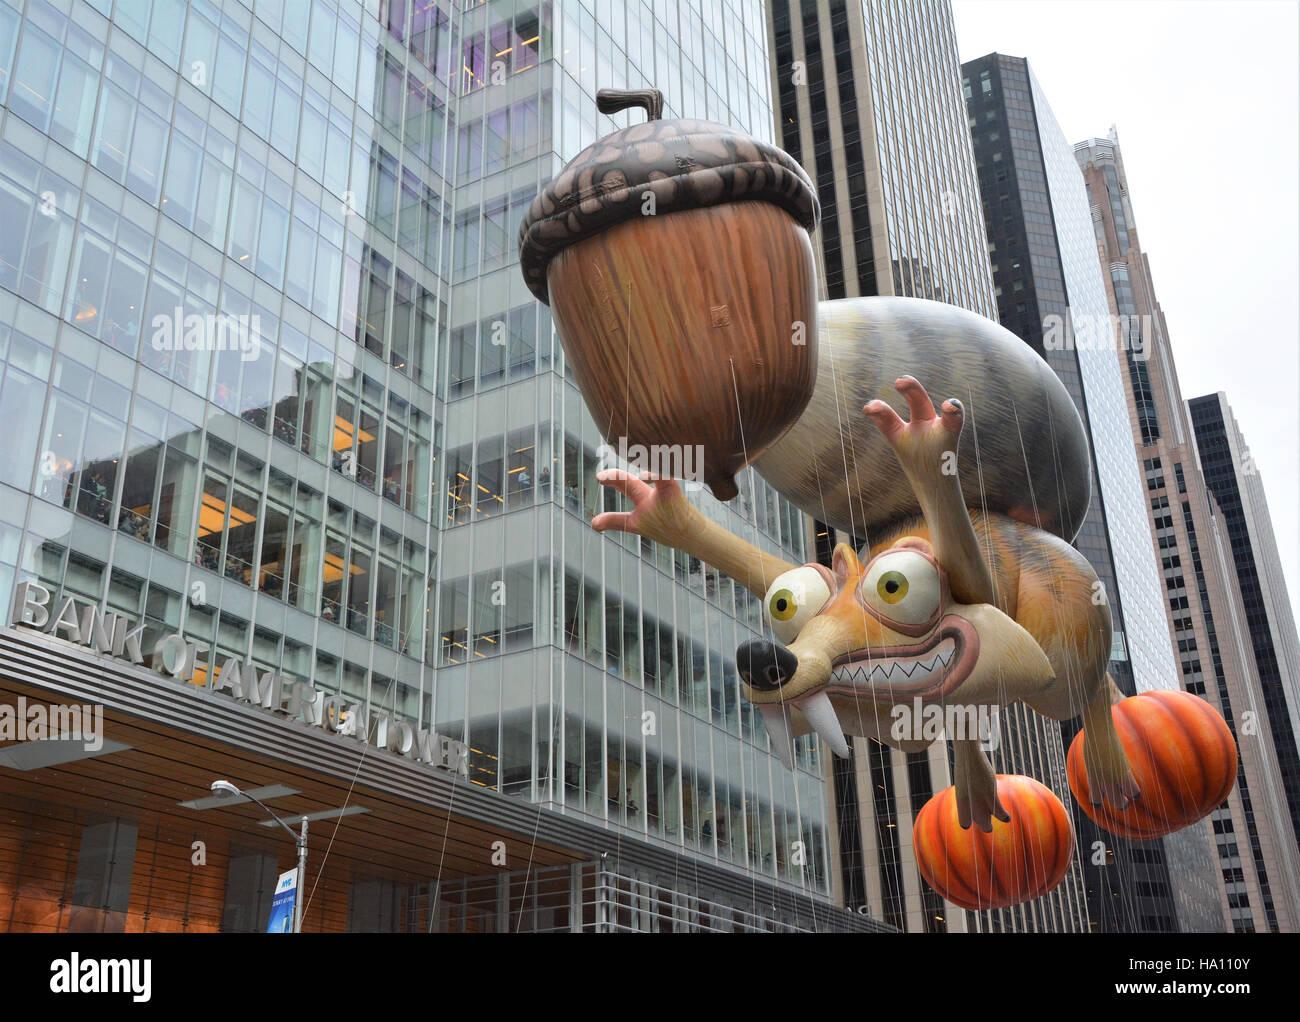 Scrat und seine Eichel aus dem Film Ice Age. Stockbild